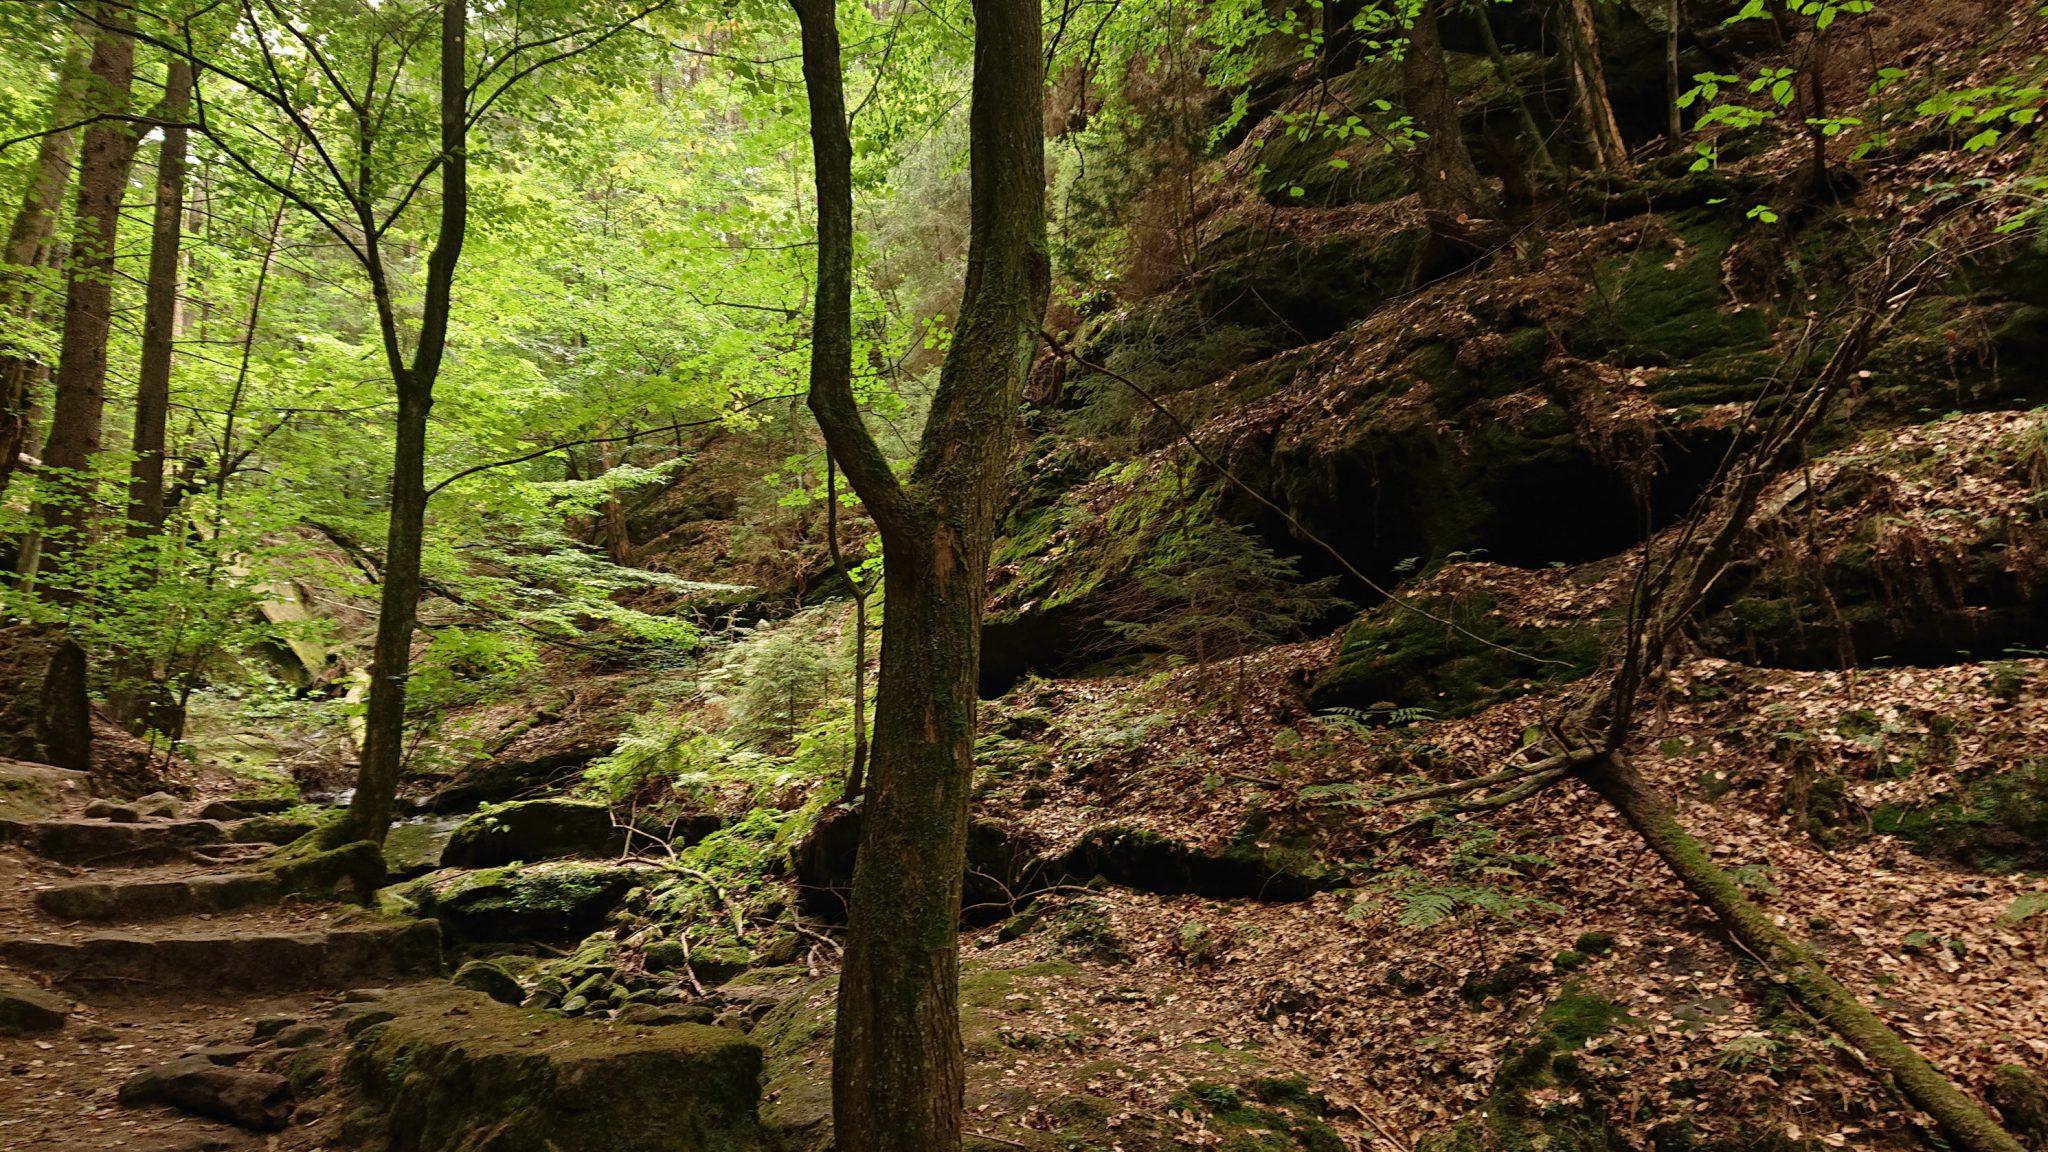 Wanderung durch Polenztal zur Bastei und zu Schwedenlöcher, steiniger Wanderweg beim Polenztal im schönen Wald, große Felsen